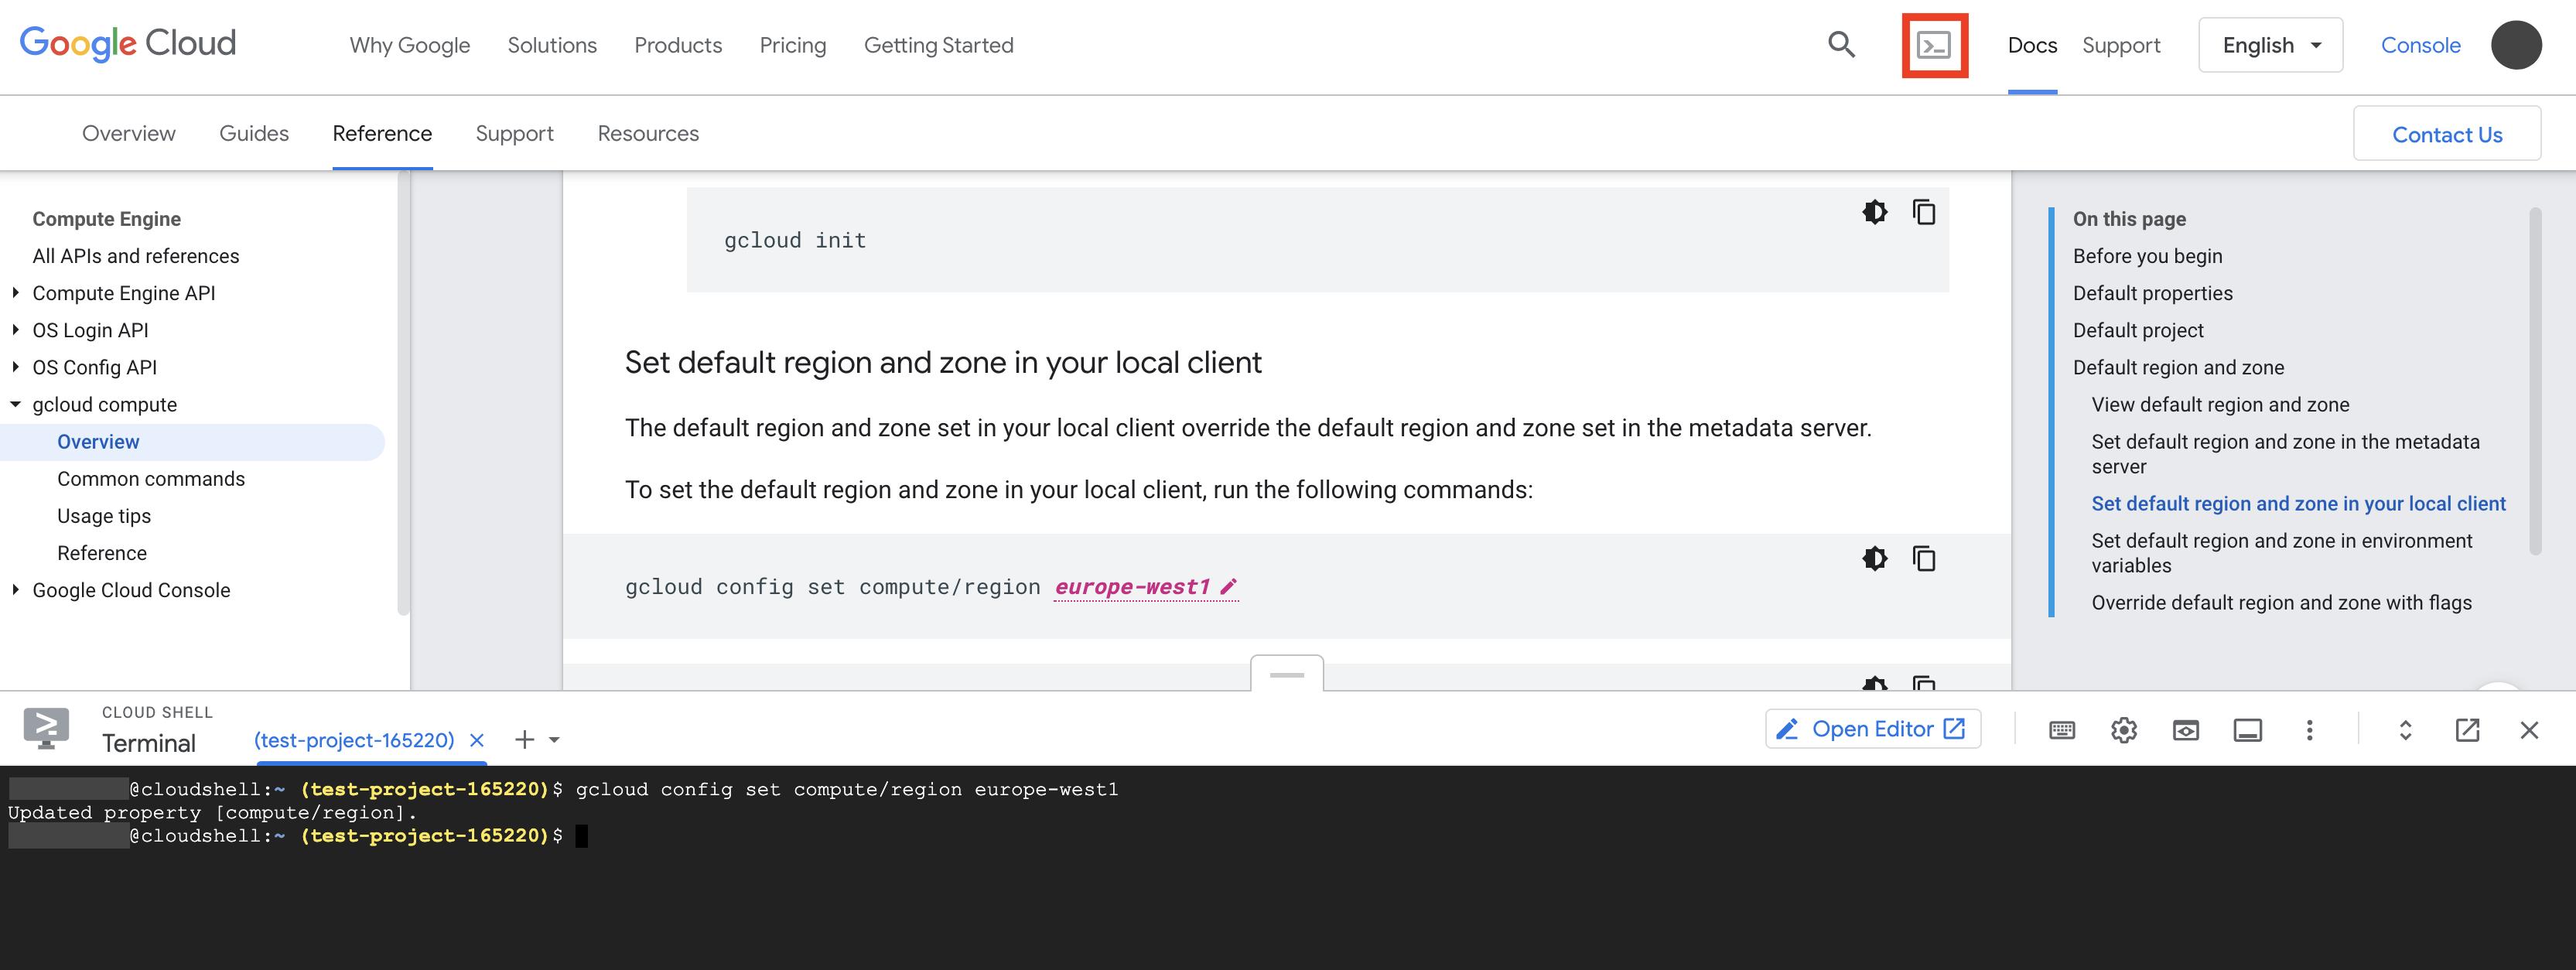 Cloud Shell-Terminal wird in der unteren Hälfte der Dokumentationsseite gestartet und enthält ein Beispiel für gcloud-Befehl, das in das Cloud Shell-Terminal kopiert wurde.